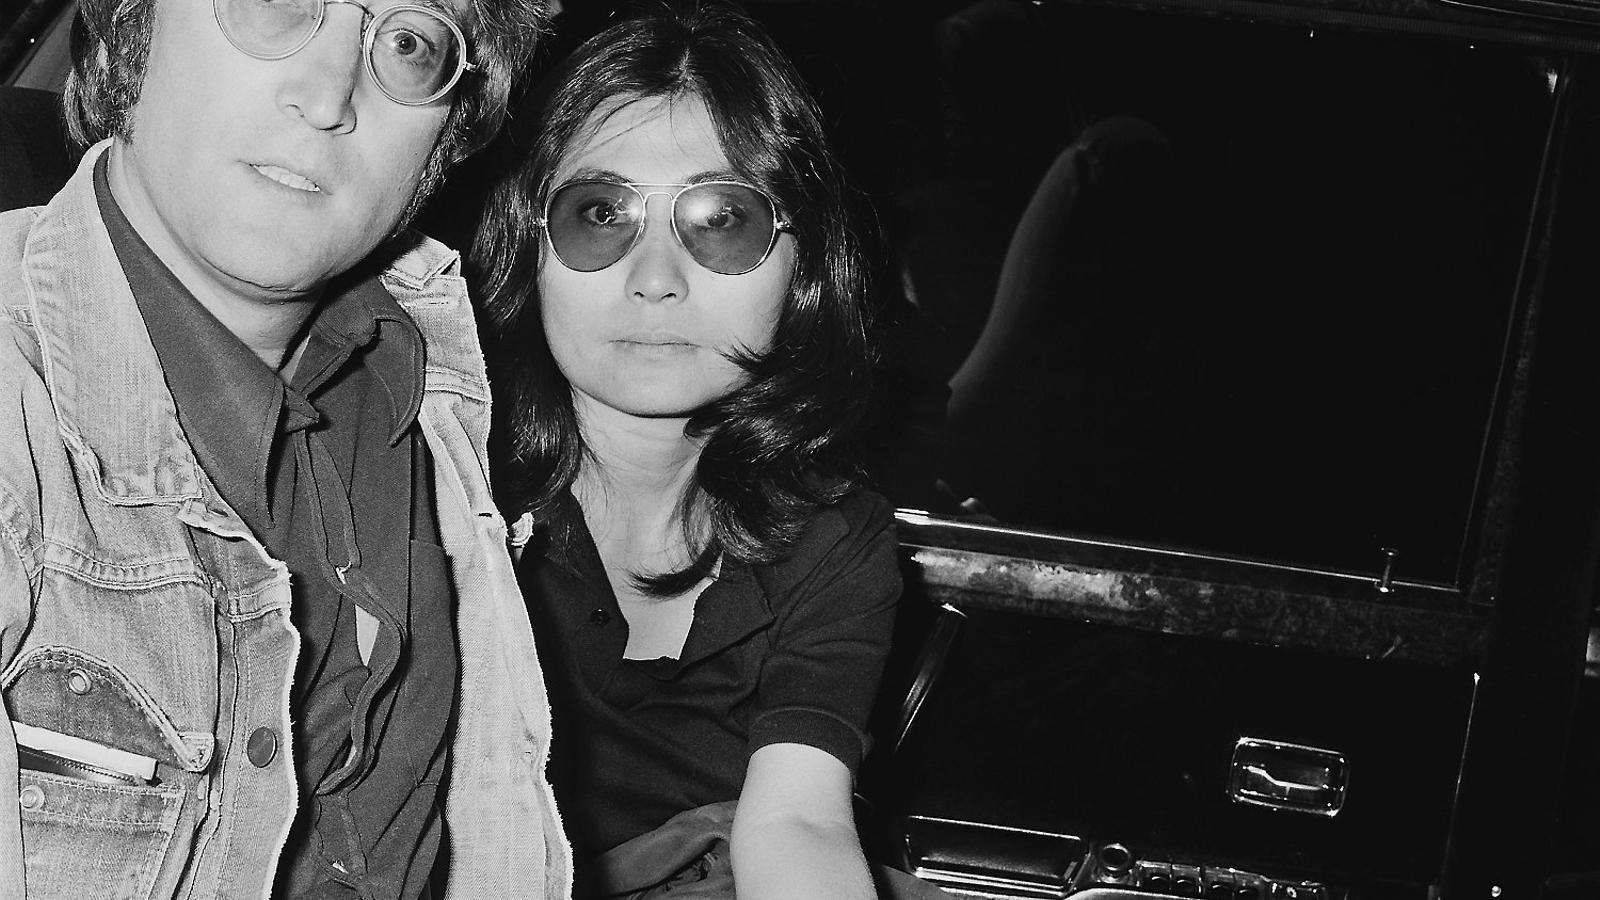 L'assassí de Lennon es disculpa amb Yoko Ono 40 anys després